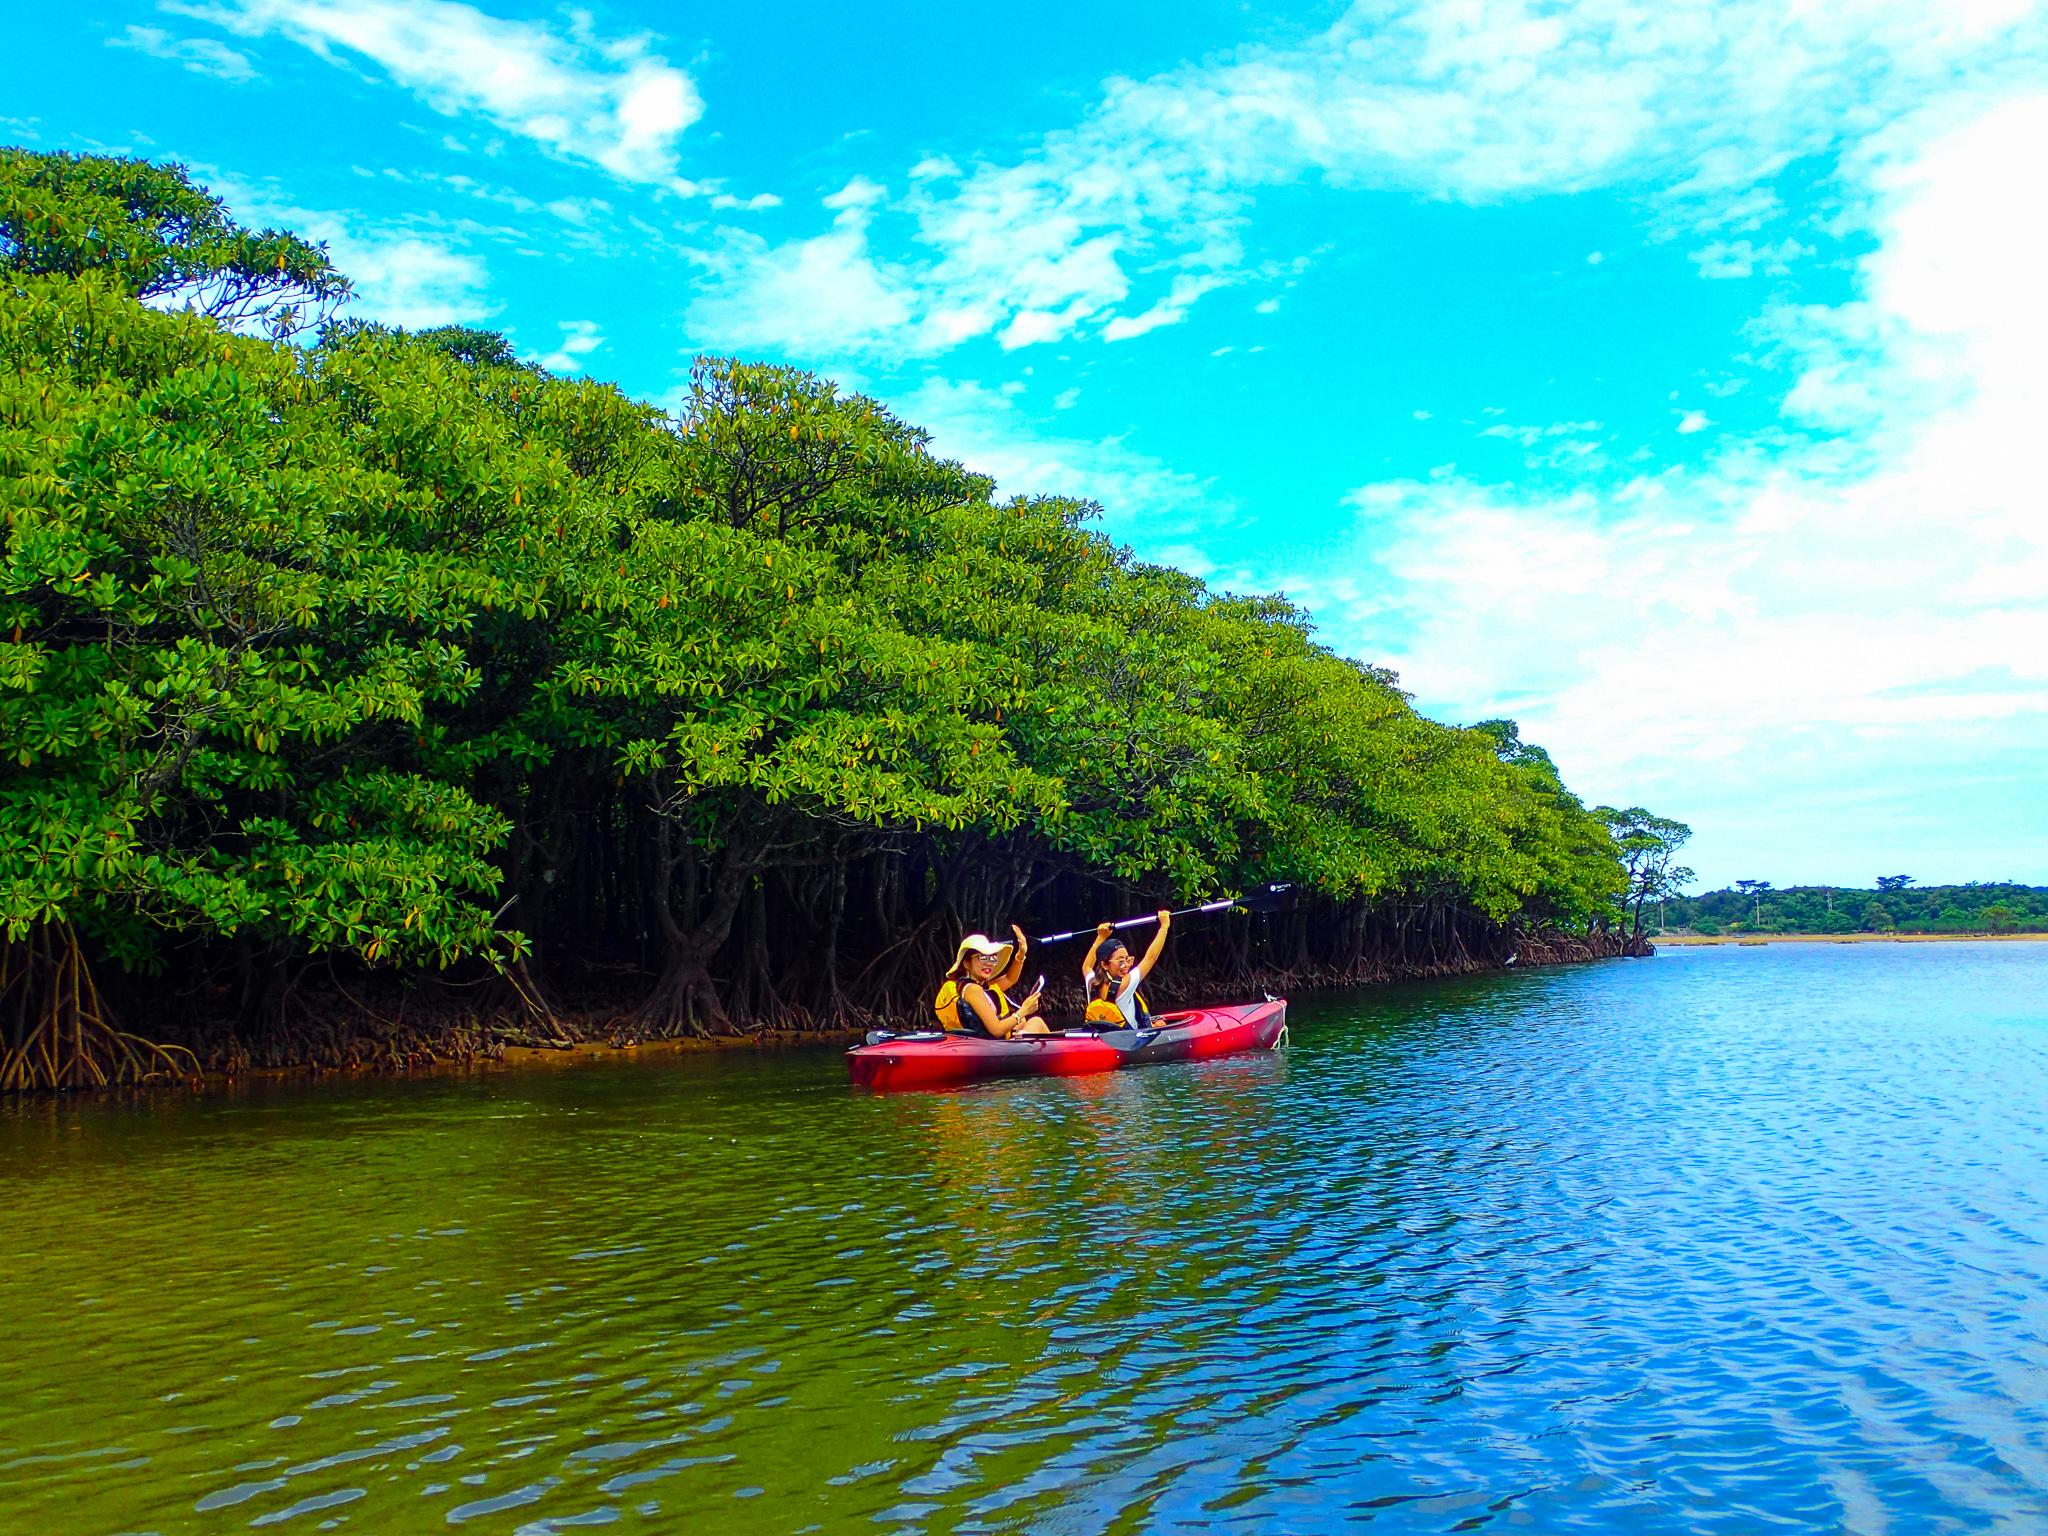 石垣島で一番大きなマングローブ林をカヌーで楽しむ